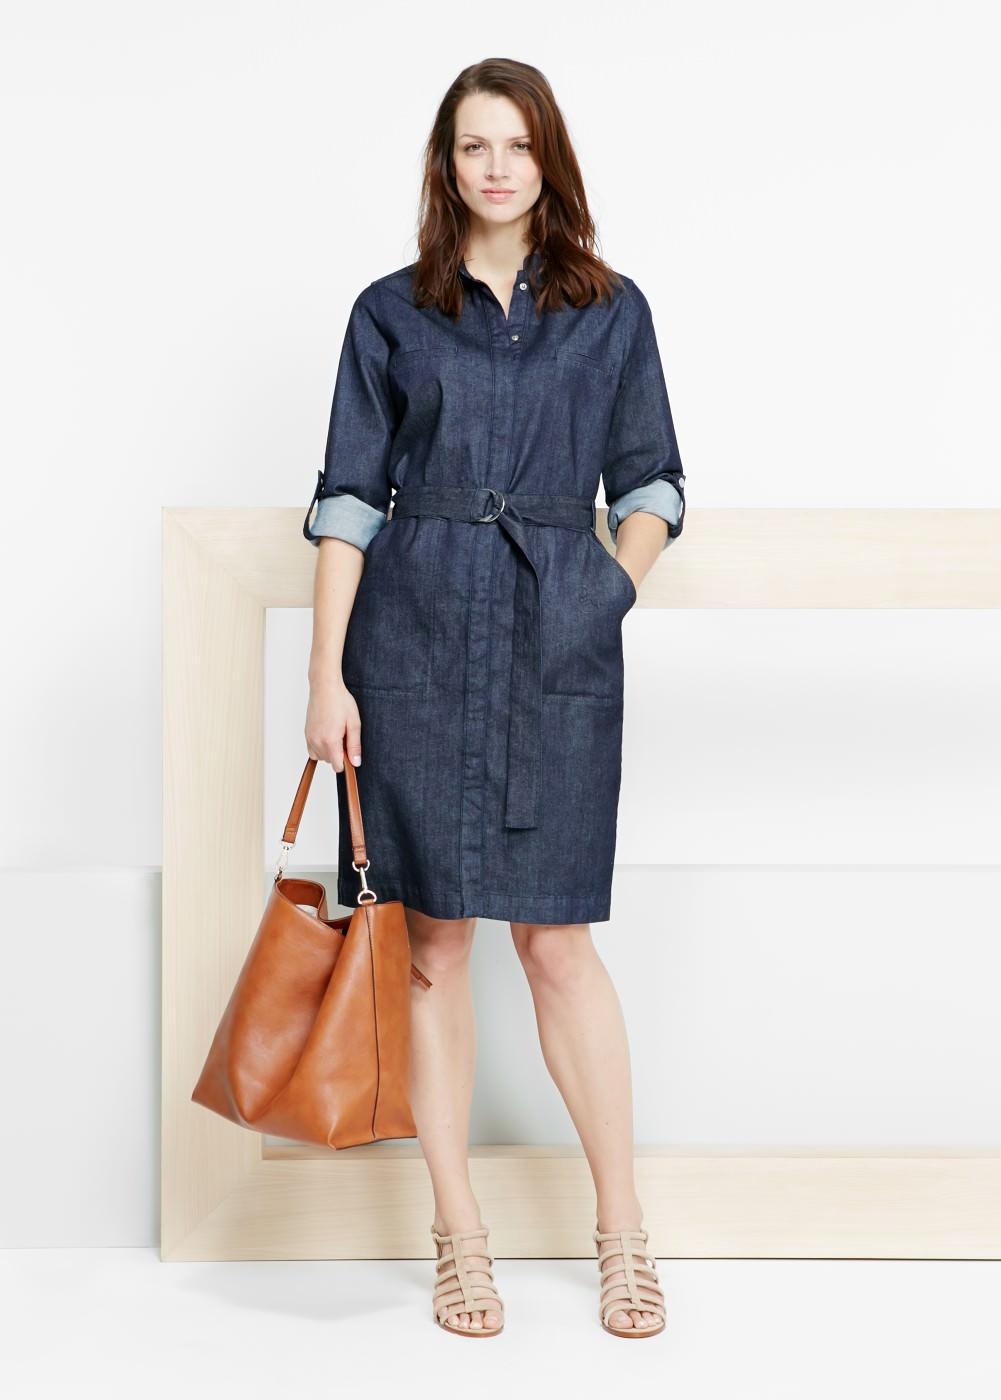 b7638016483 Джинсовое платье-рубашка (50 фото) 2019 года  с чем и как носить ...